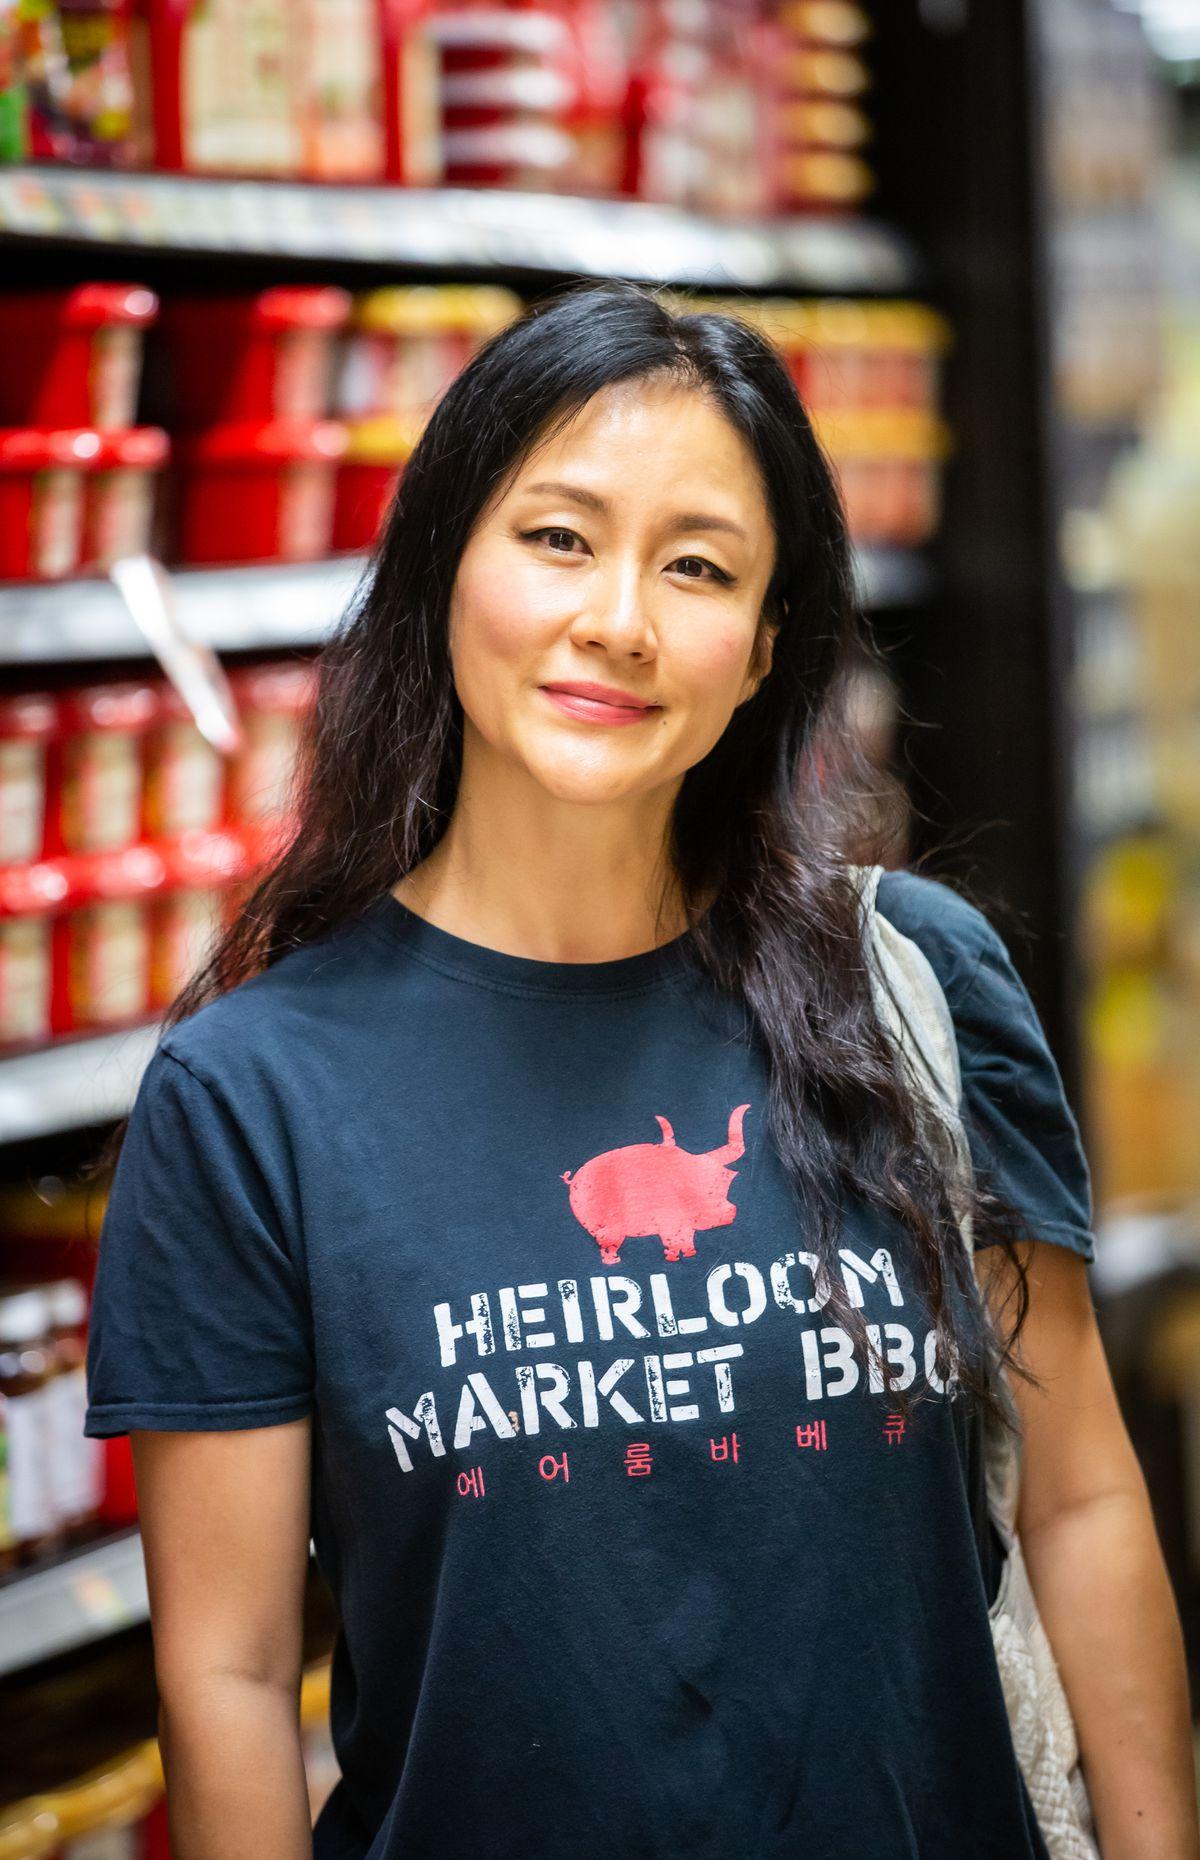 Chef Jiyeon Lee, Heirloom Market BBQ